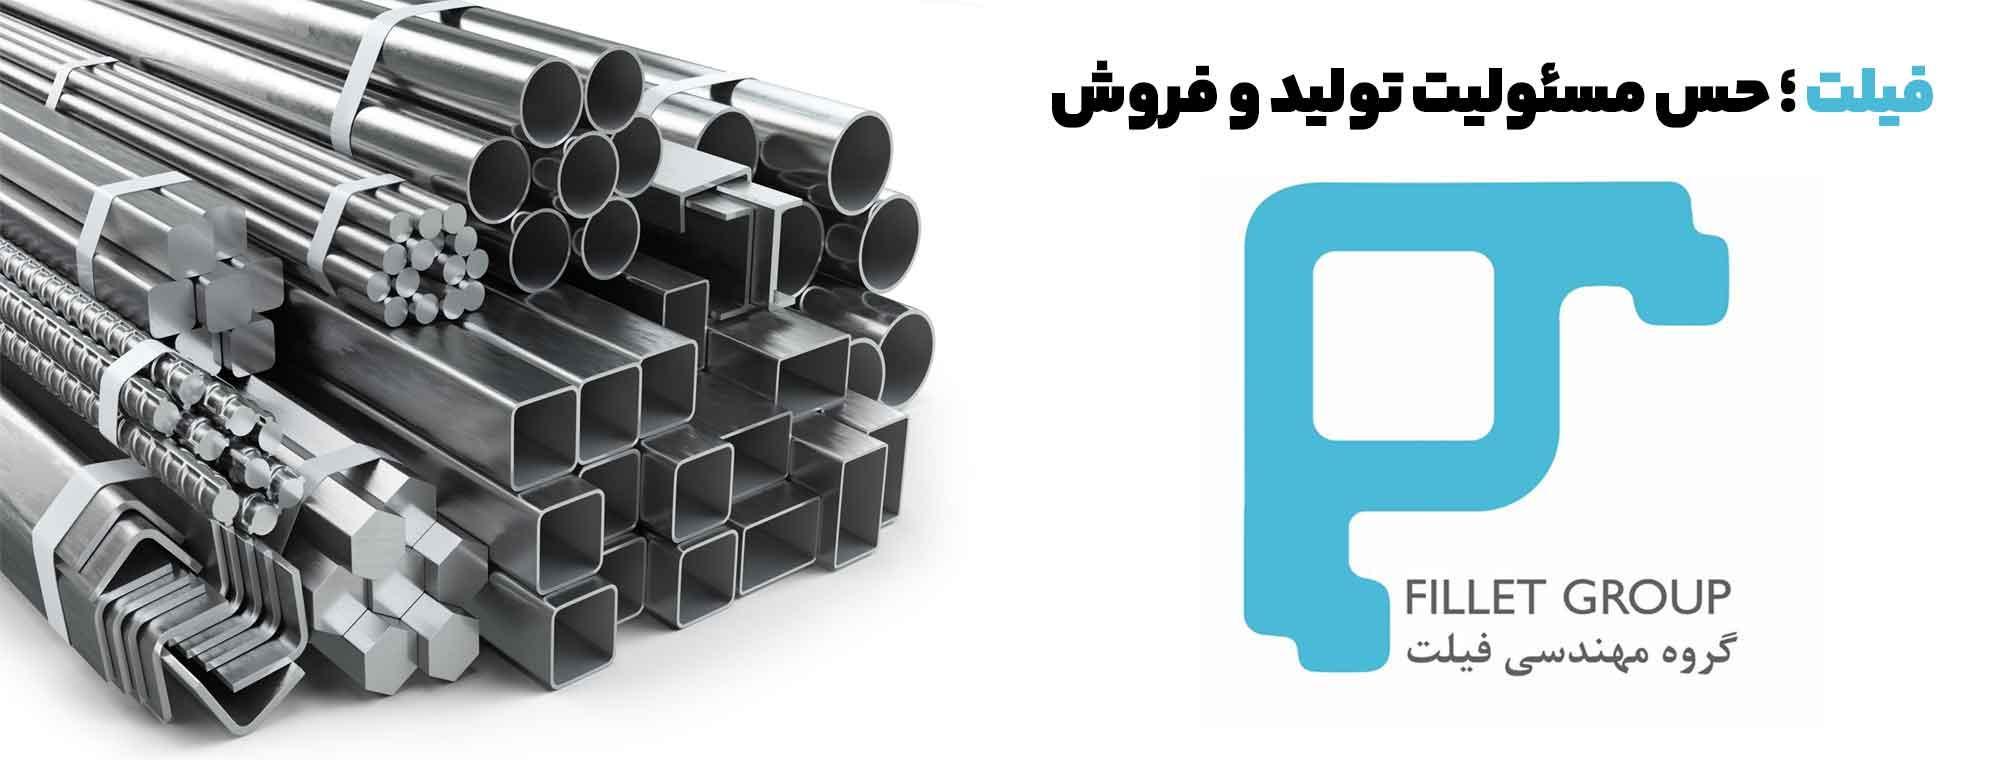 تولید کننده پروفیل آلومینیومی در ایران